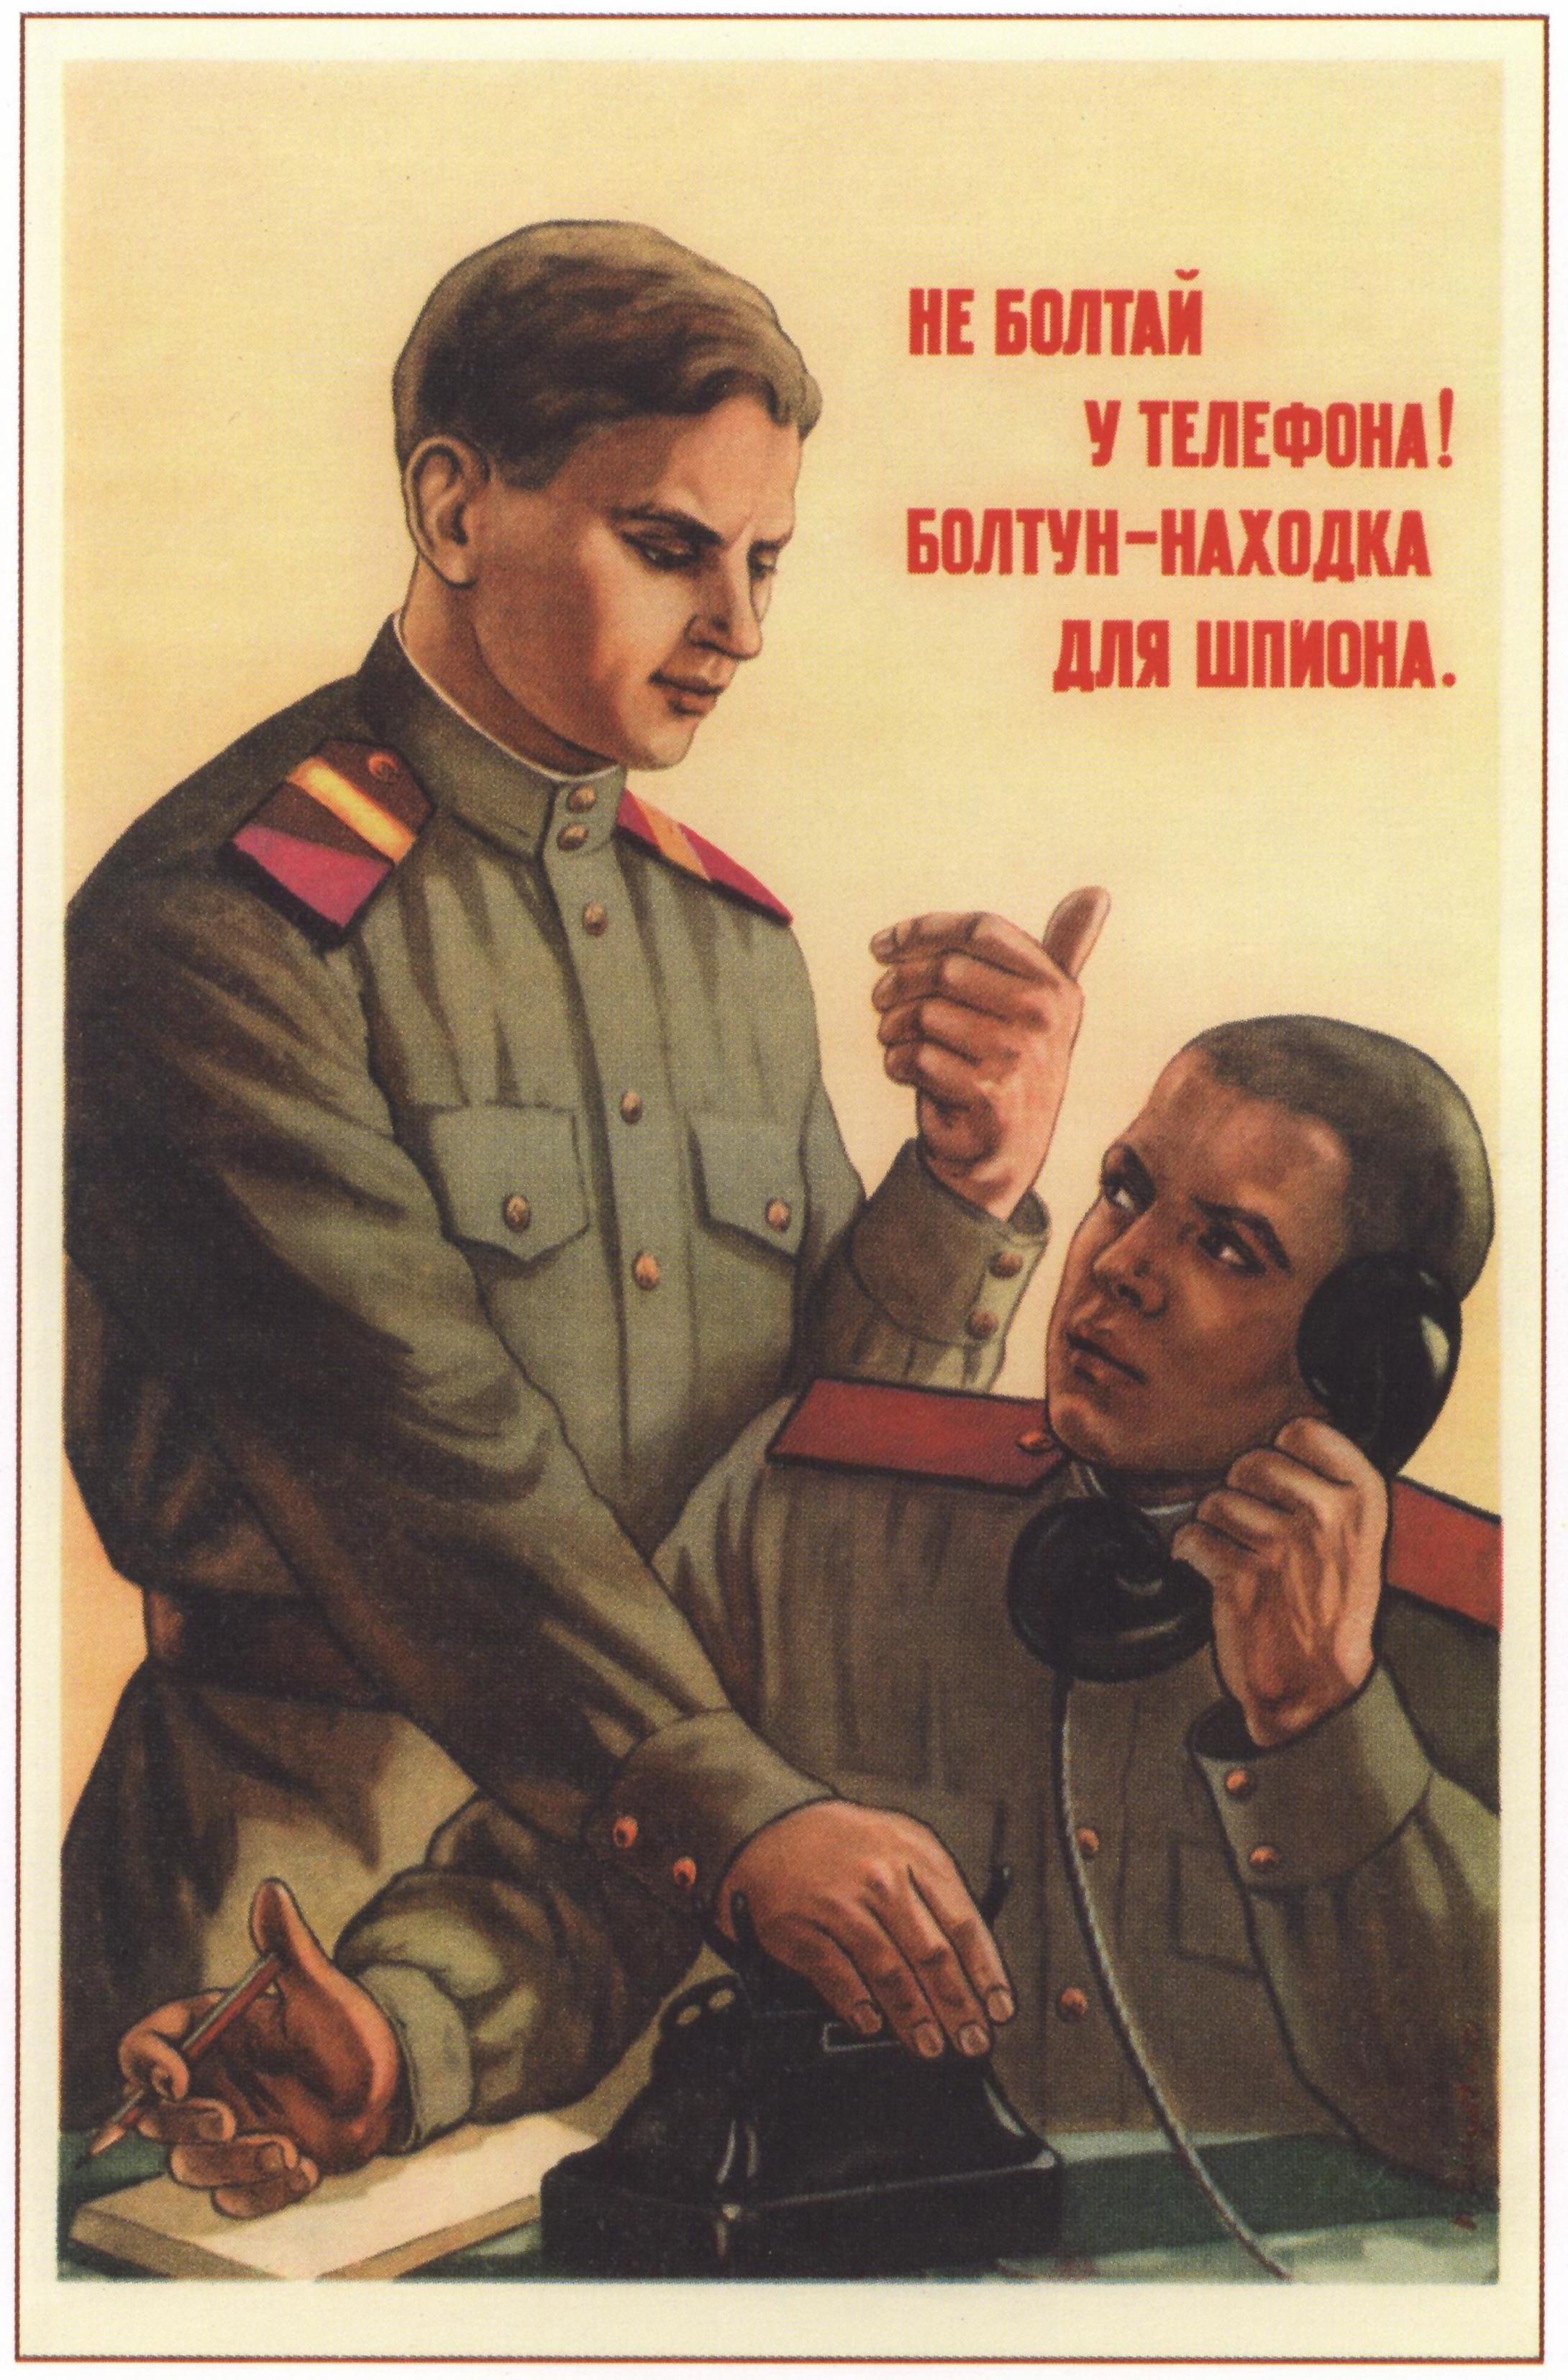 Поздравительные открытки, смешные картинки с советскими плакатами